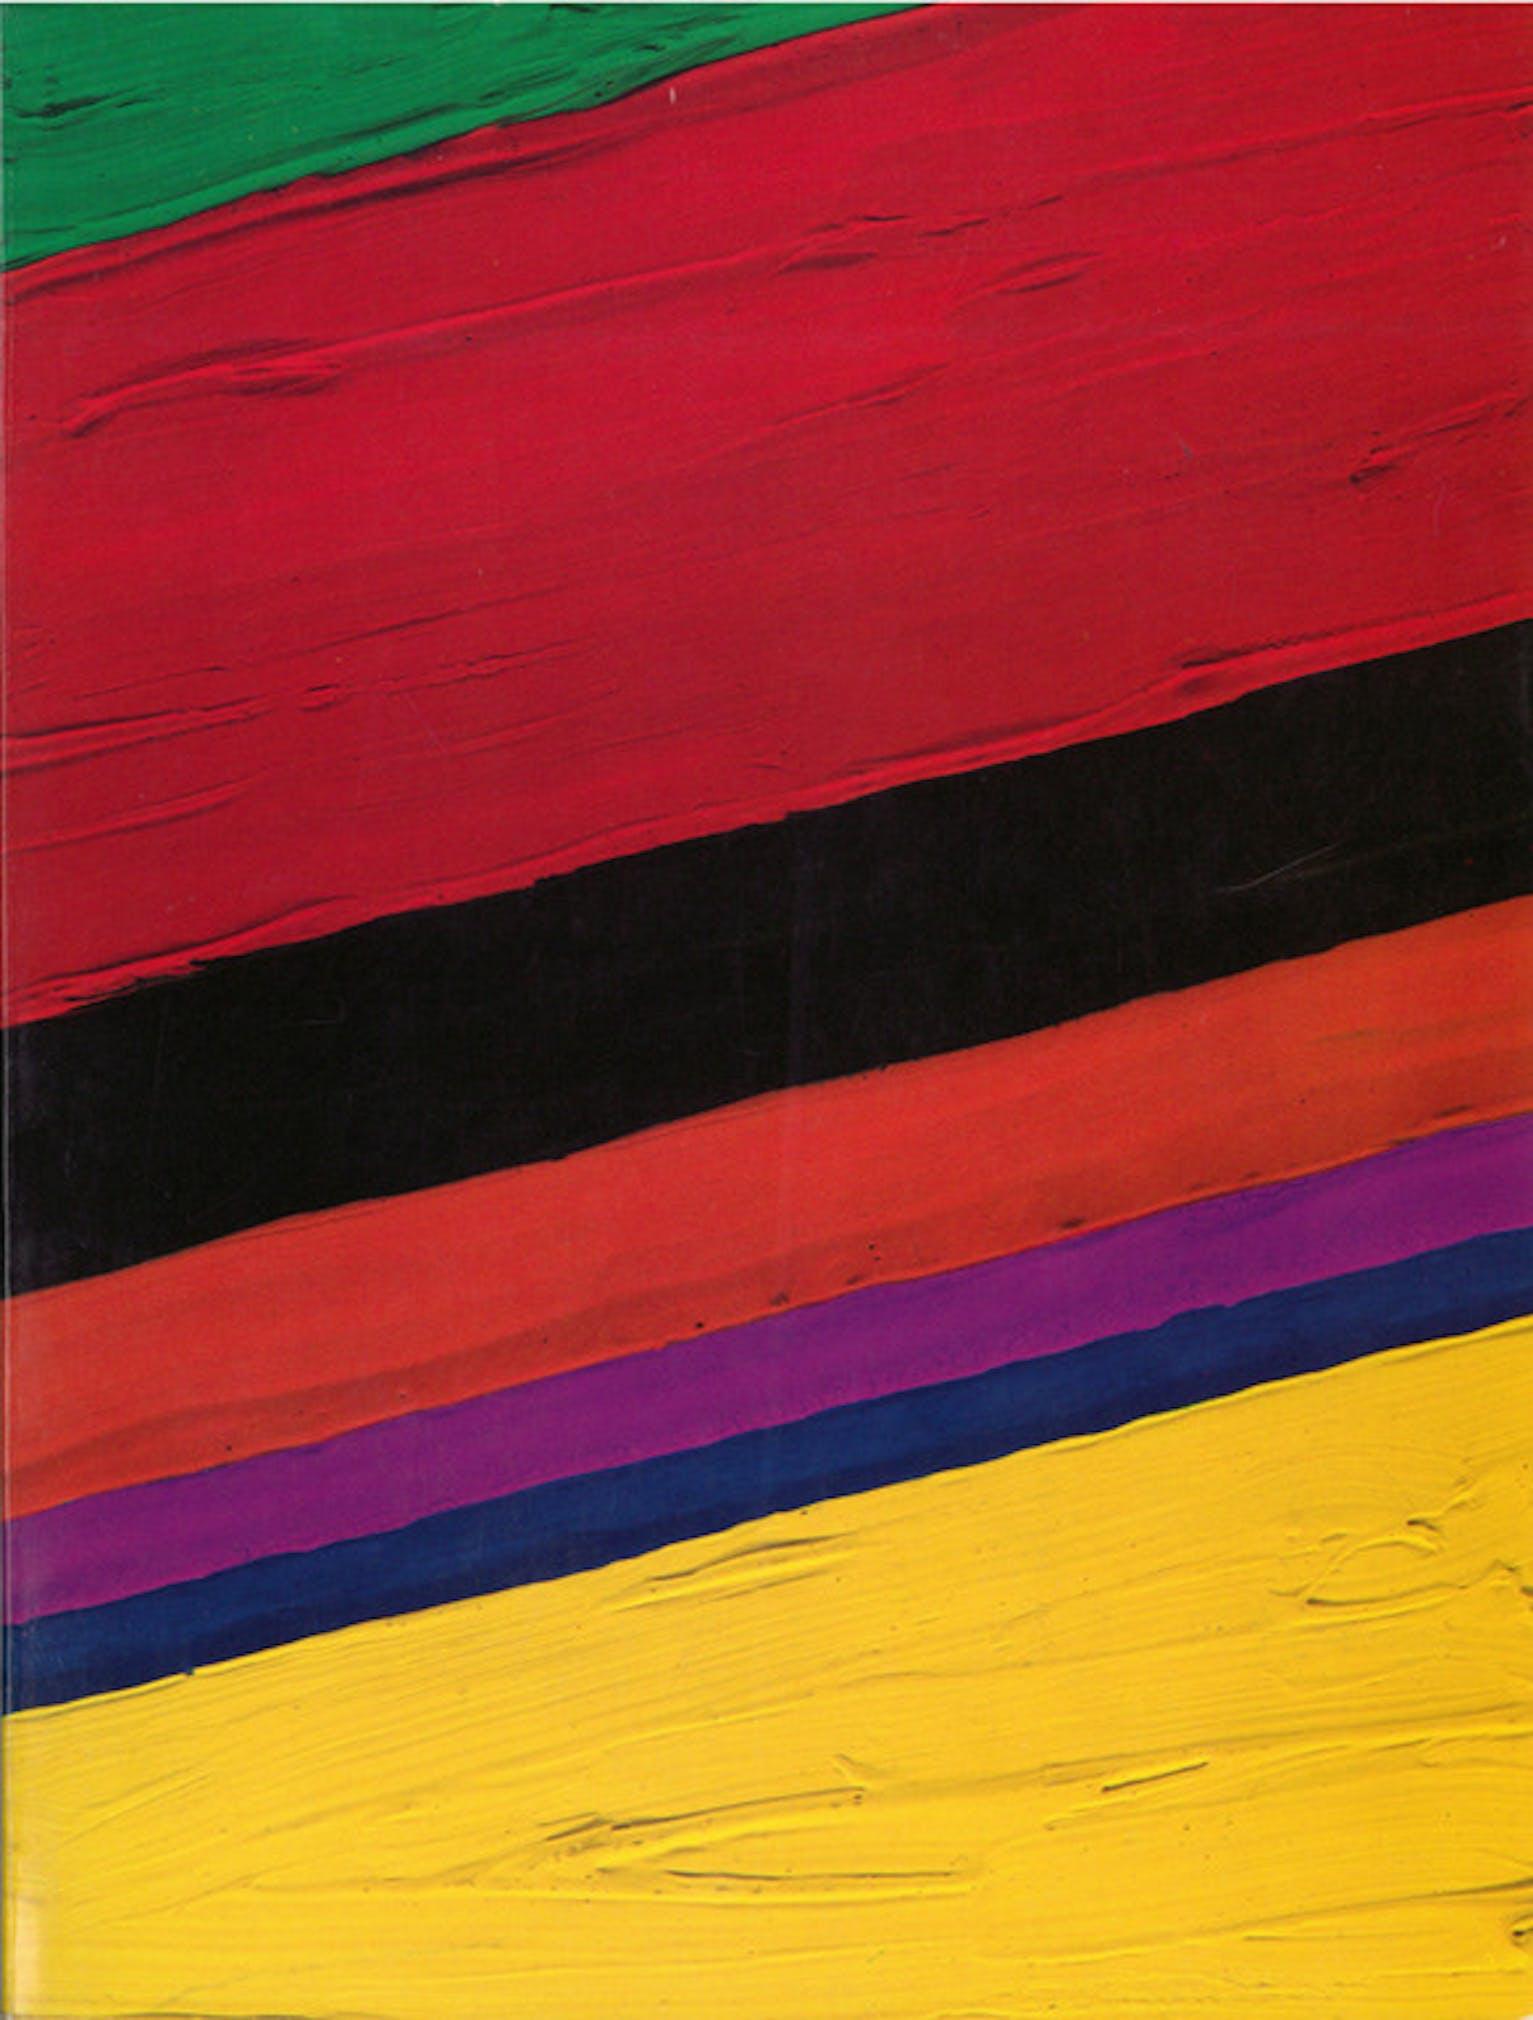 Uitgelezene De jaren '60 - Kunst in België   Kunstwerken   Collecties   M HKA HC-55